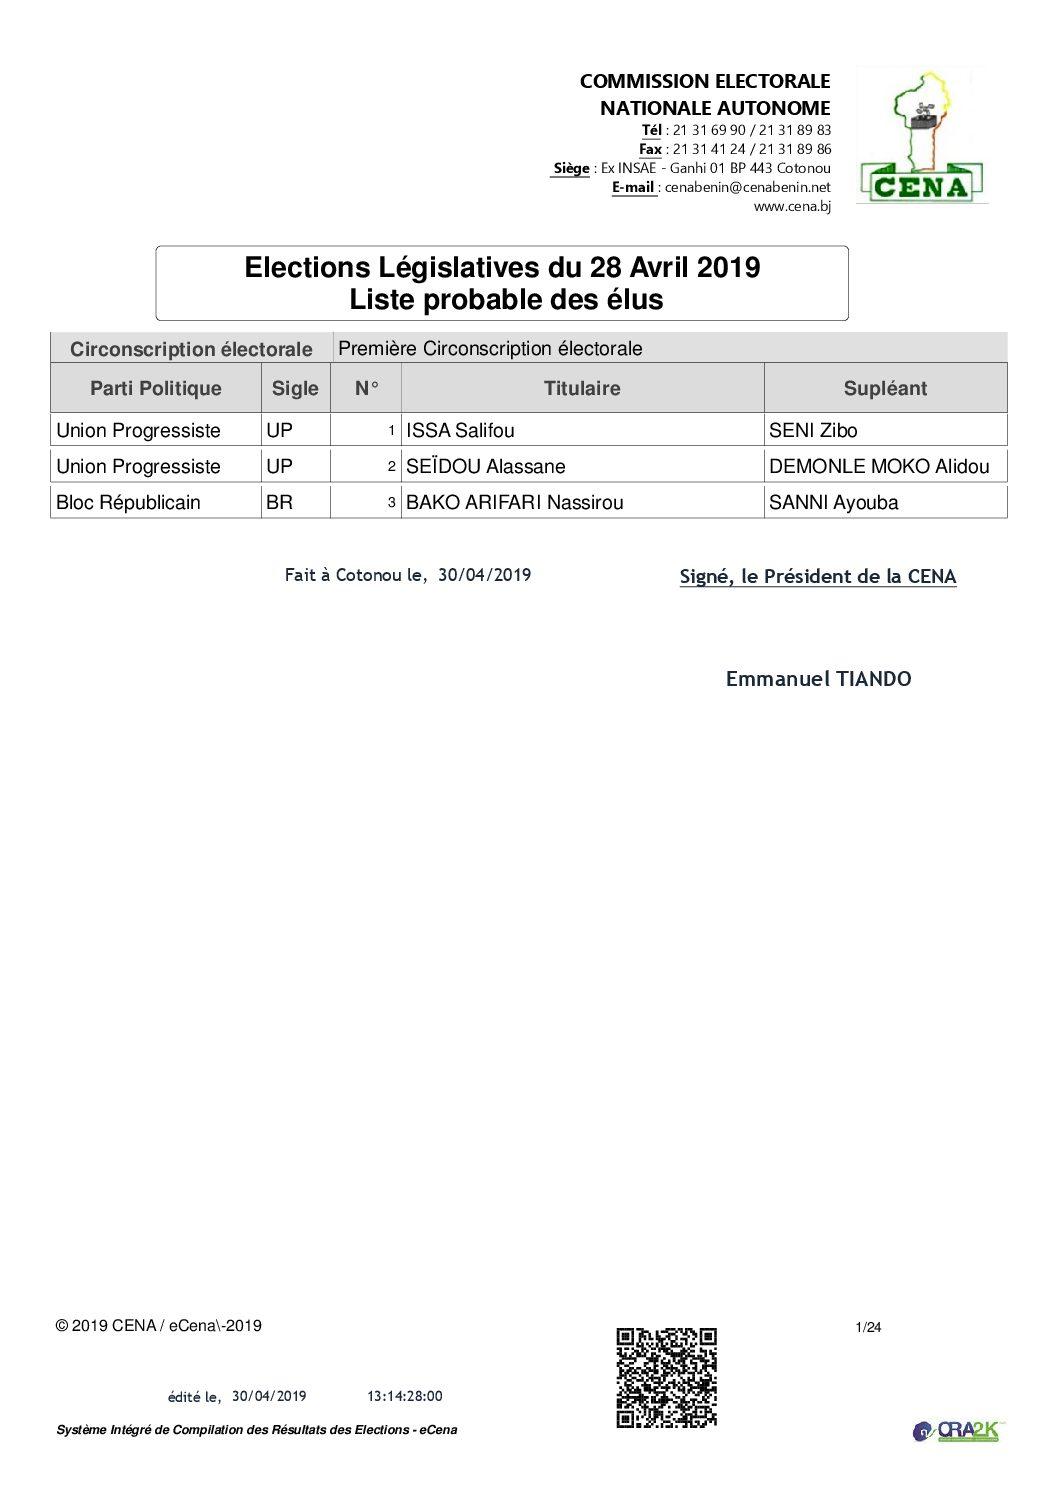 En attendant la Cour Constitutionnelle : La liste des députés élus selon la CENA